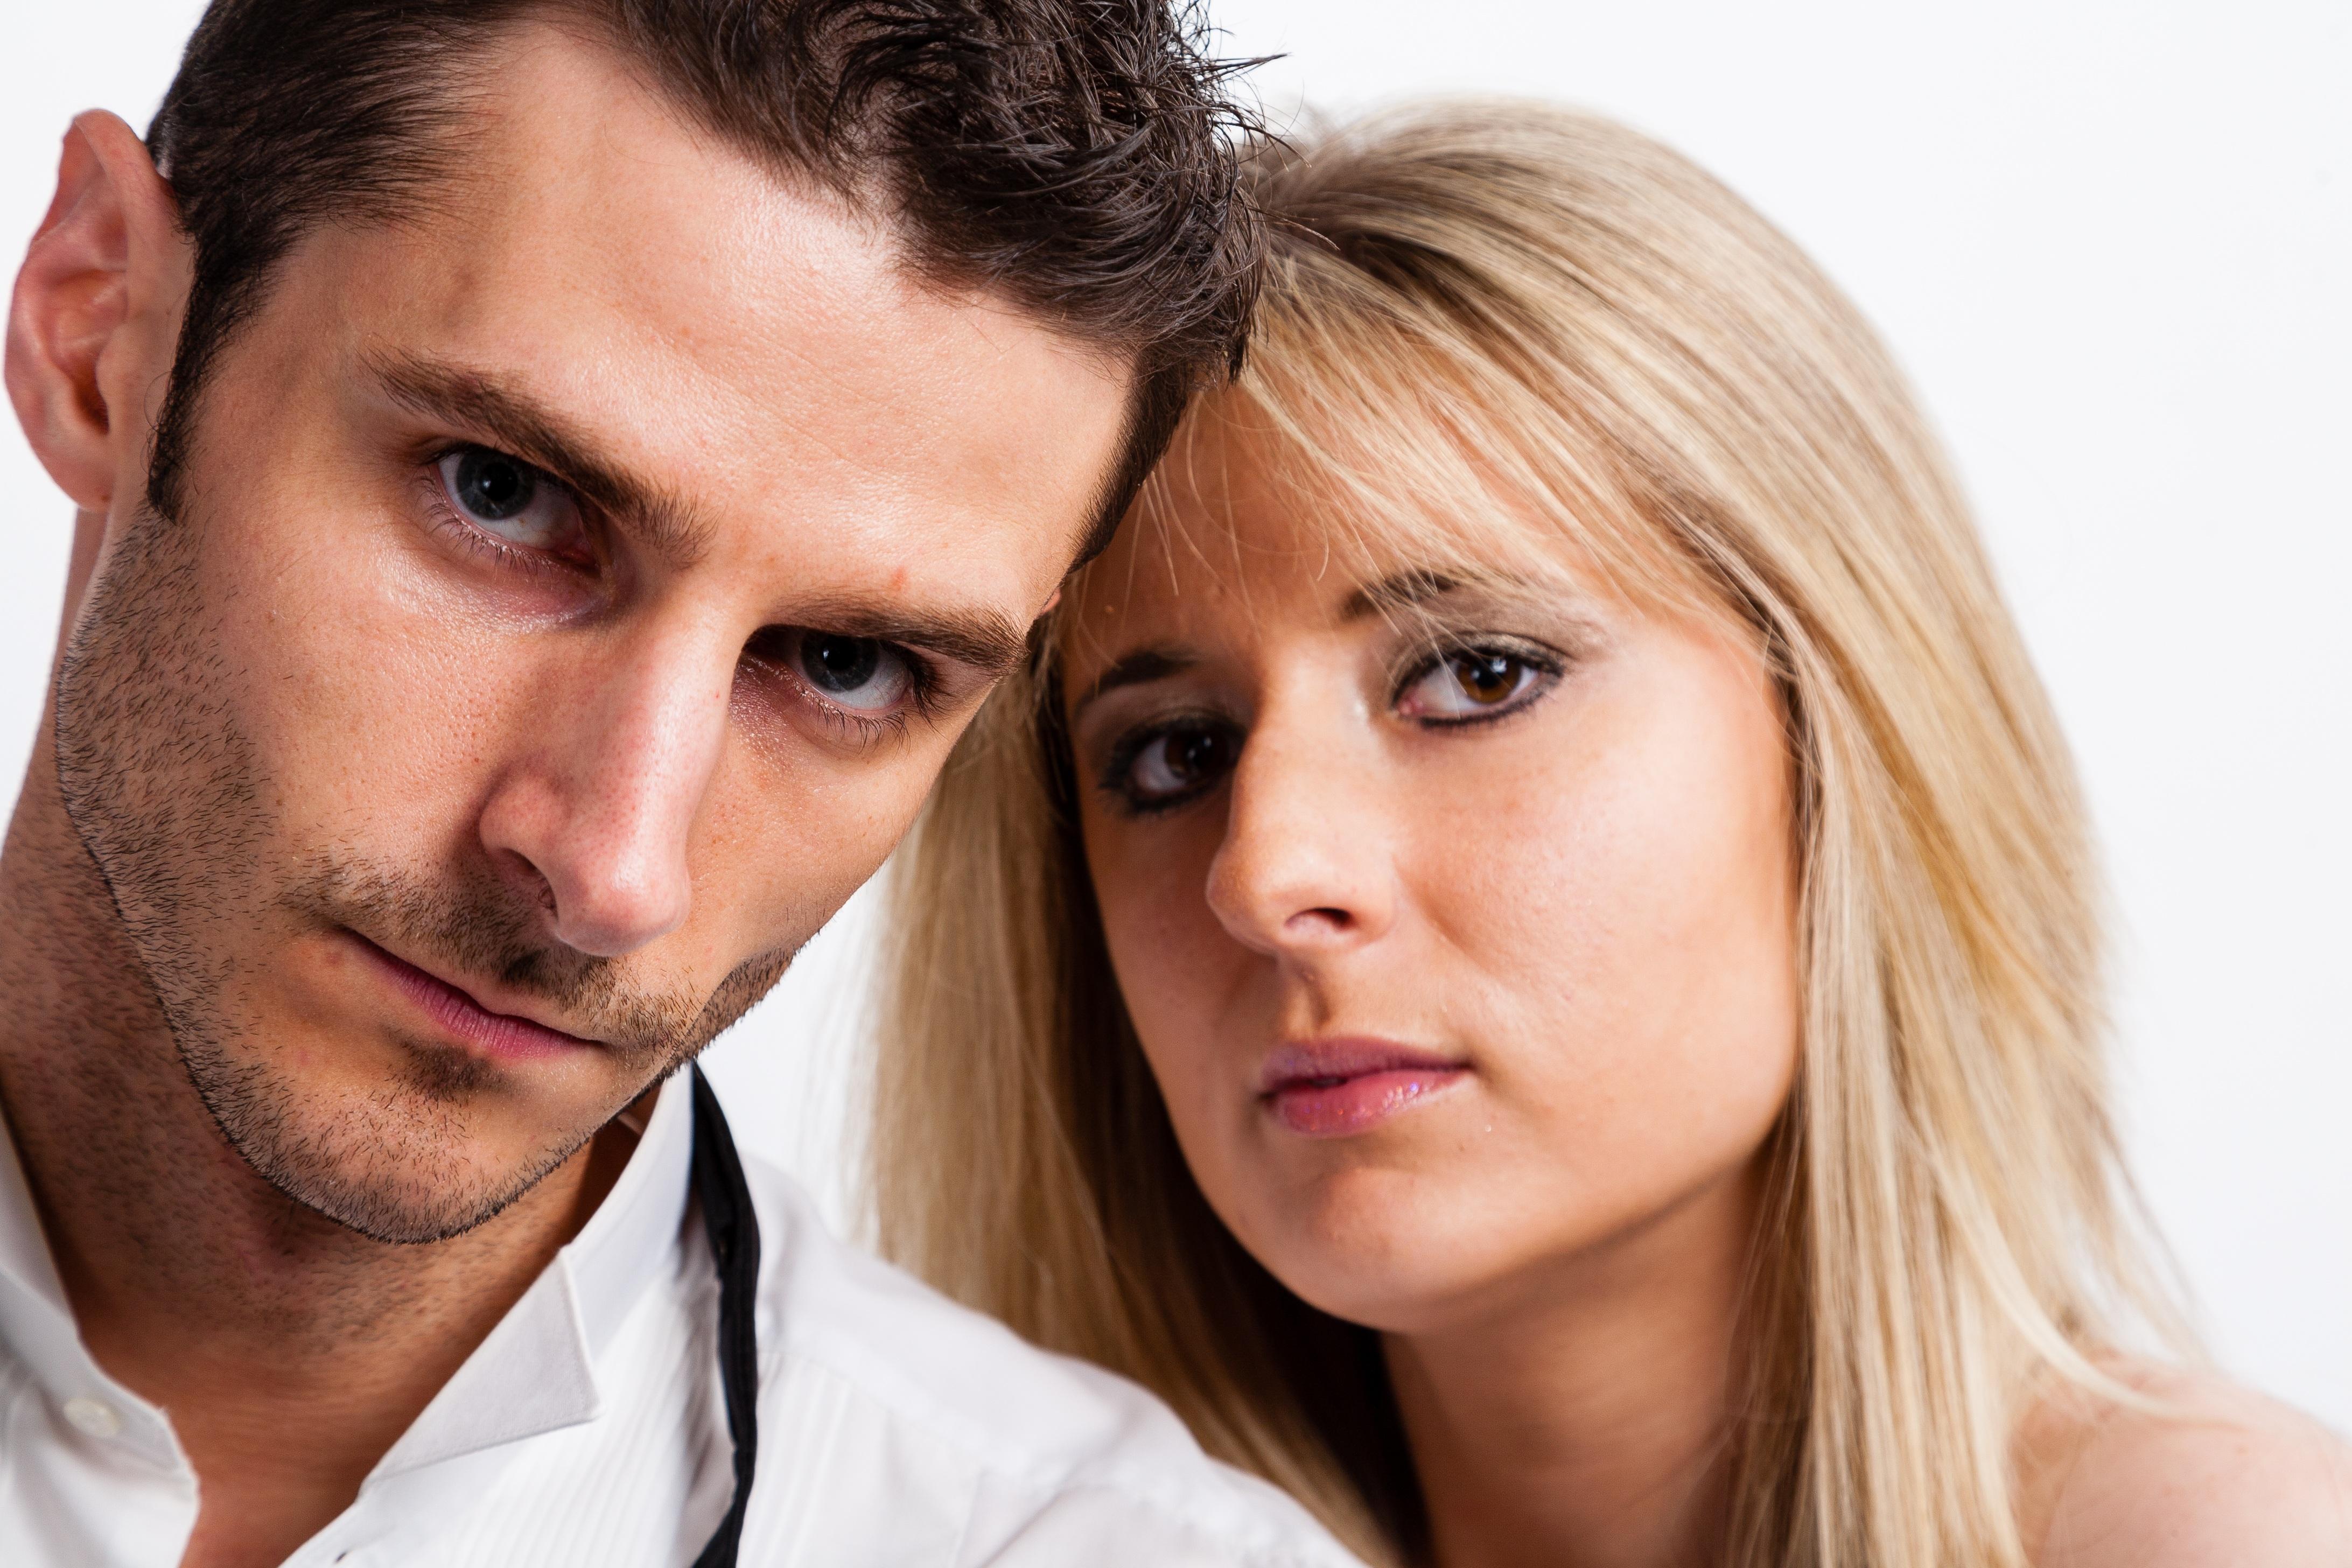 побег женские и мужские гентталии фото стоит только сказать